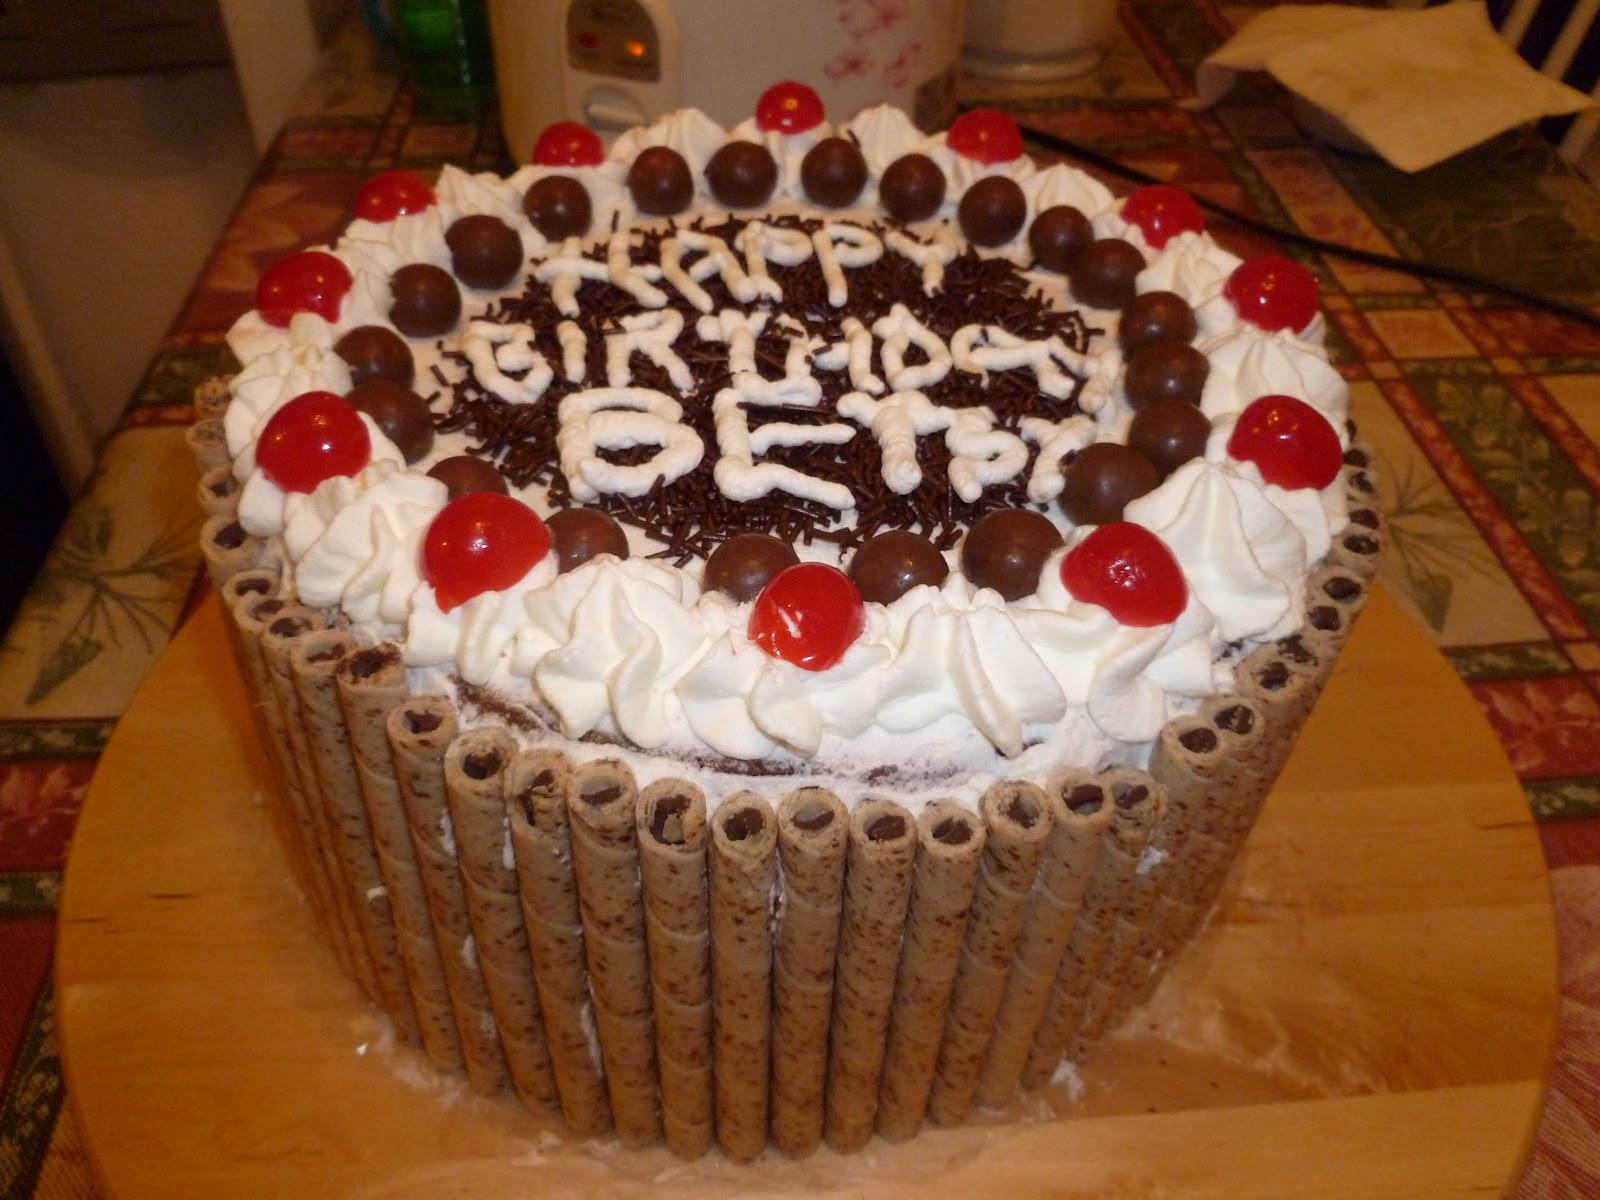 Gambar Cake Birthday Dapur Coklat Image Inspiration of Cake and